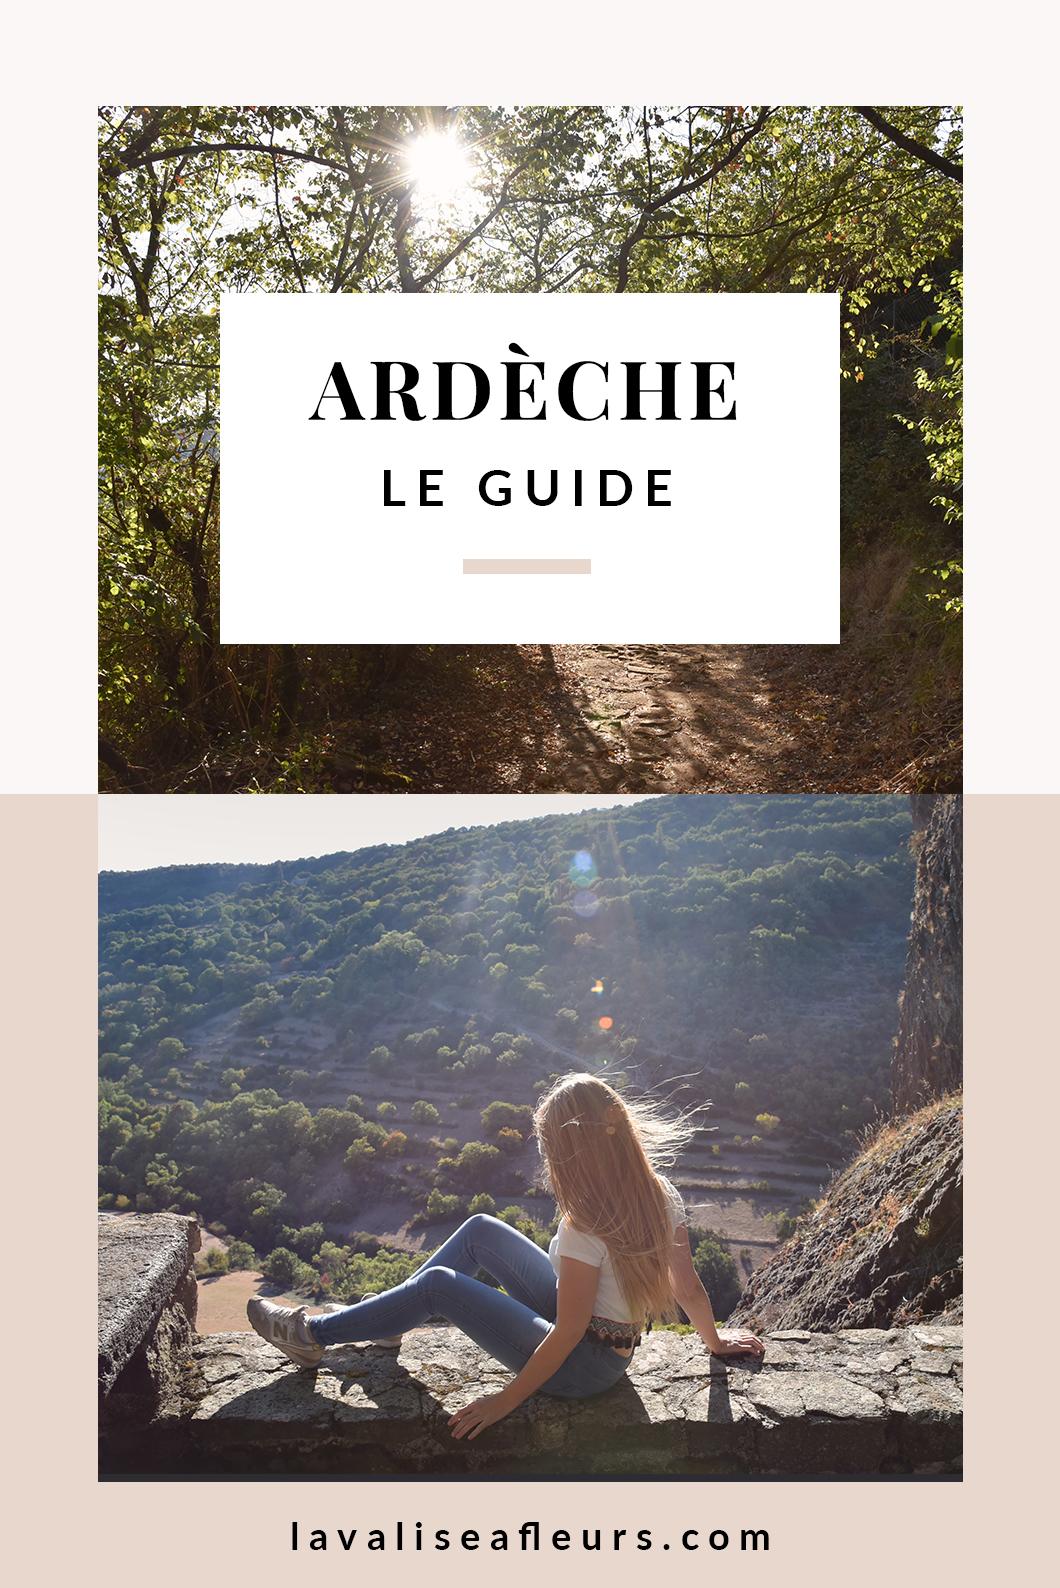 Visiter l'Ardèche en France, notre guide de voyage